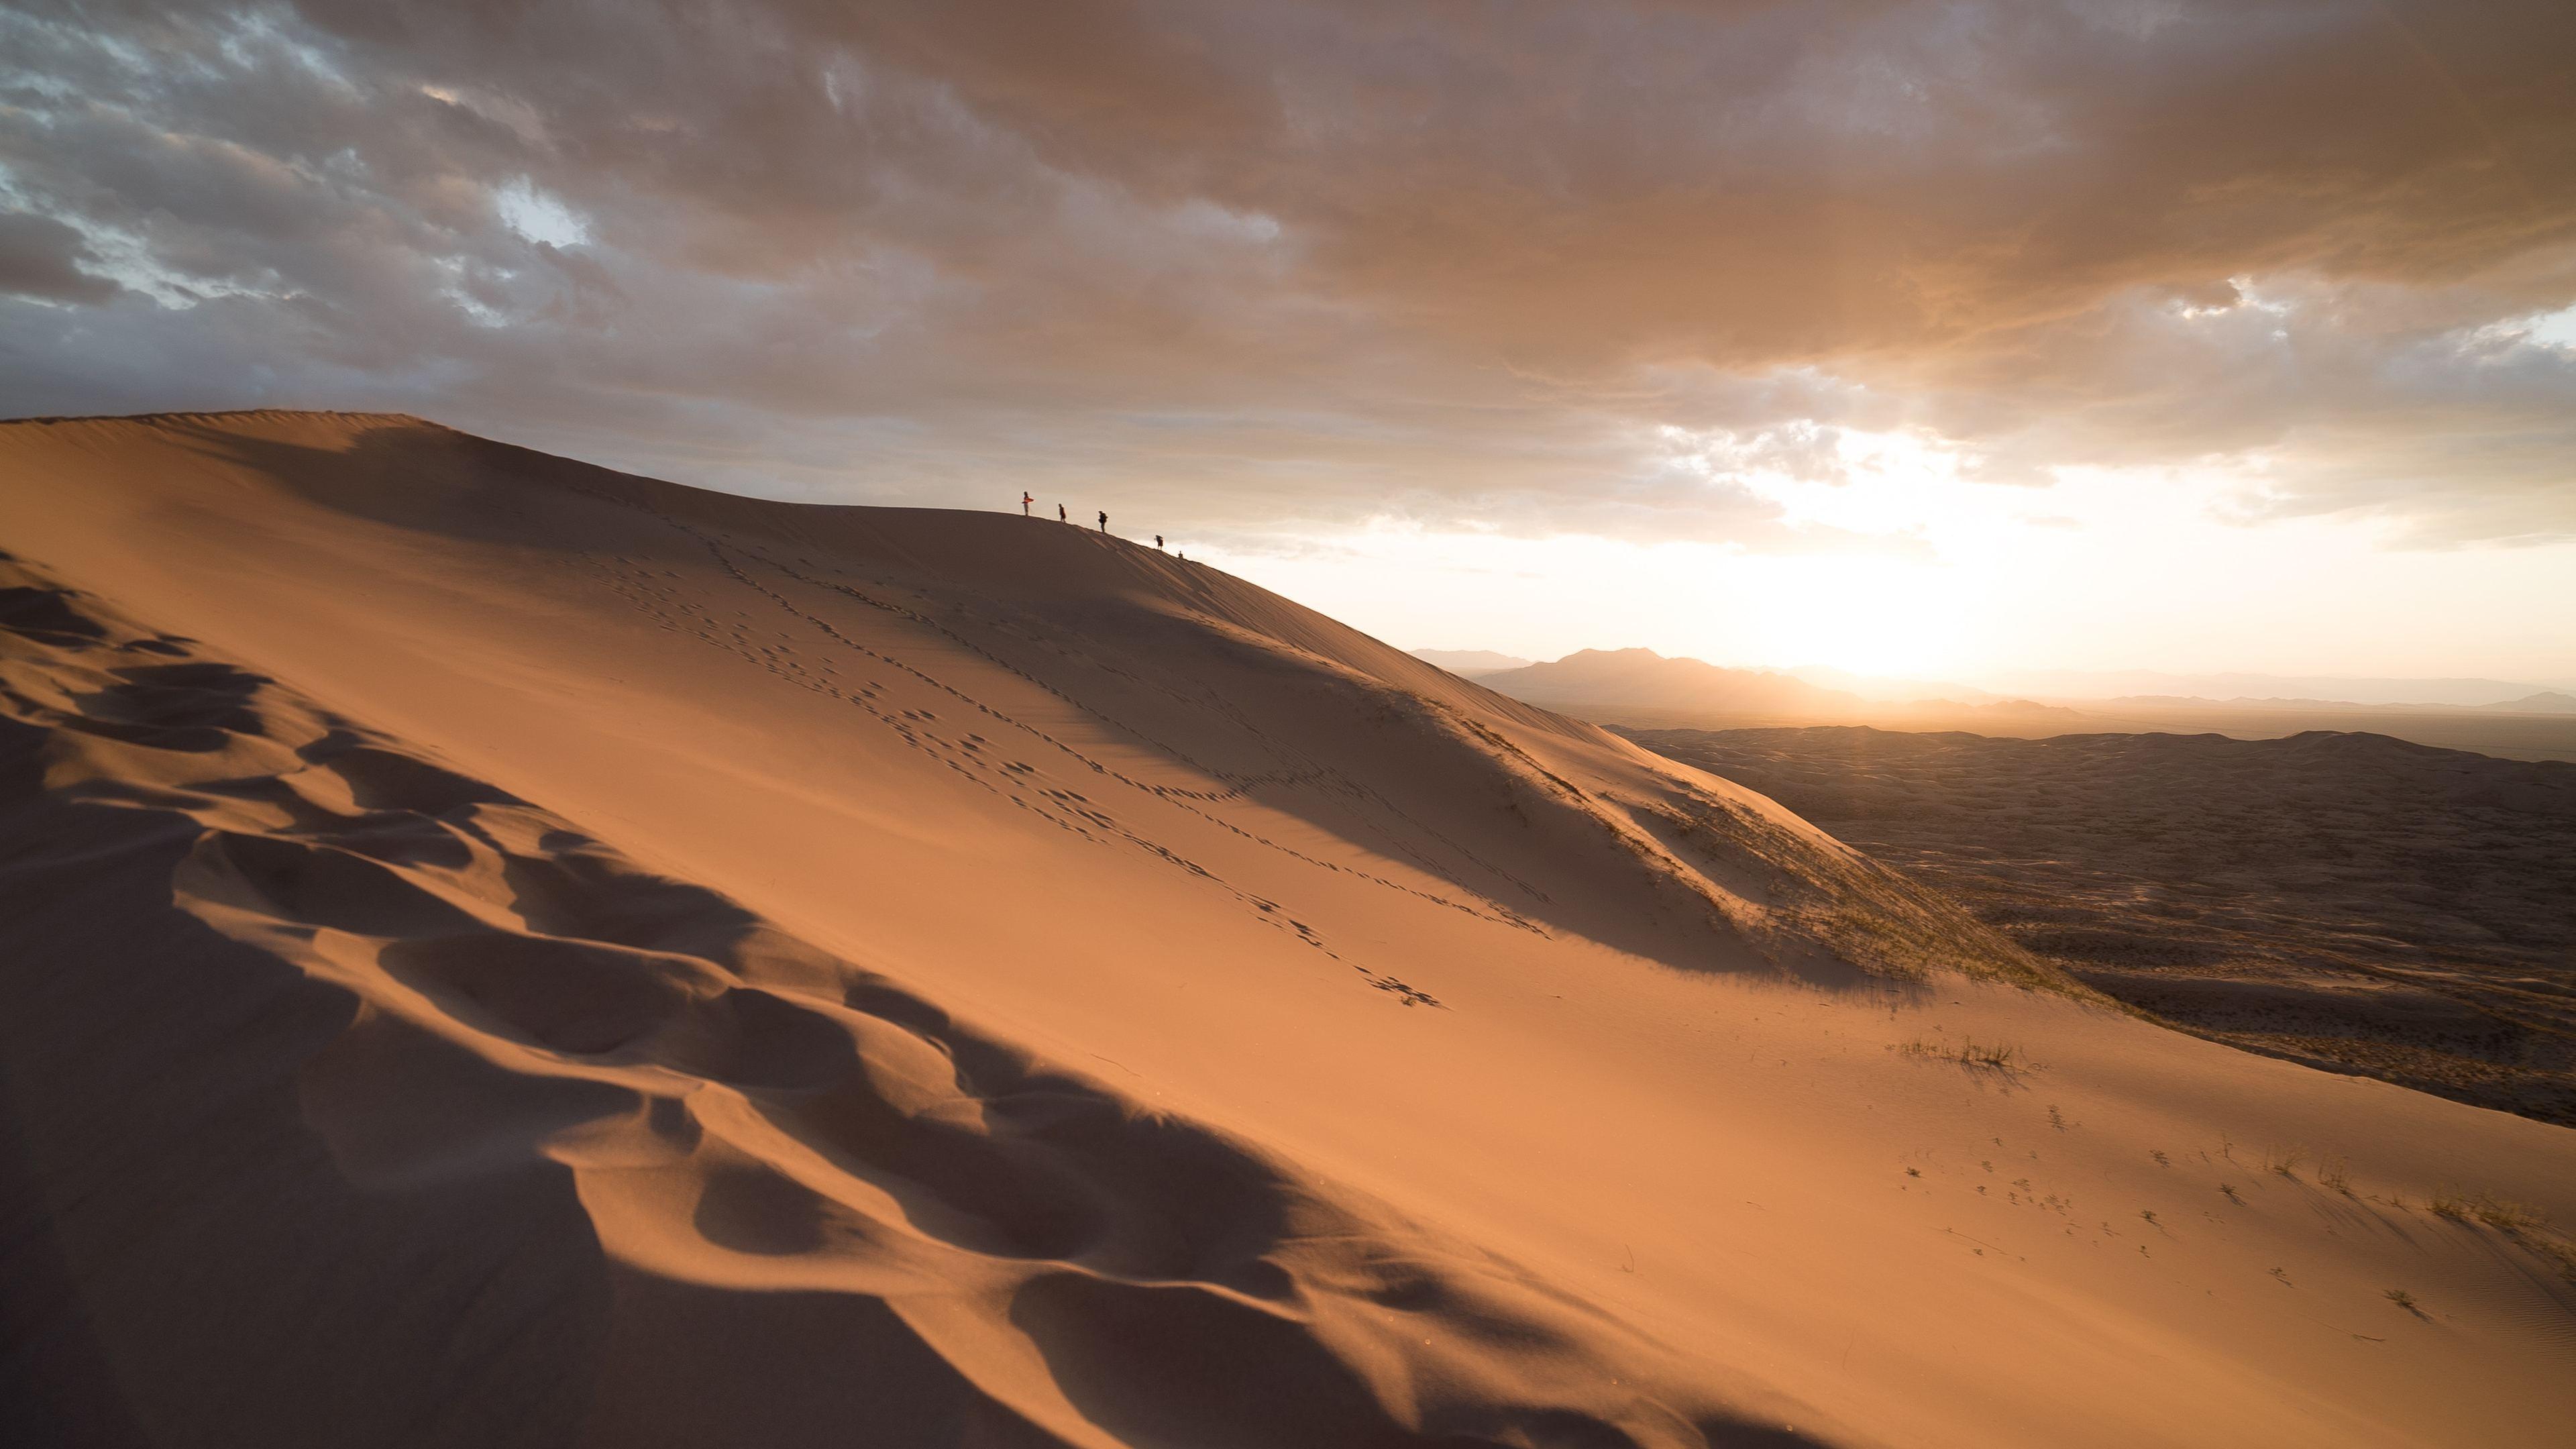 desert 4k 1540142931 - Desert 4k - nature wallpapers, hd-wallpapers, desert wallpapers, 4k-wallpapers